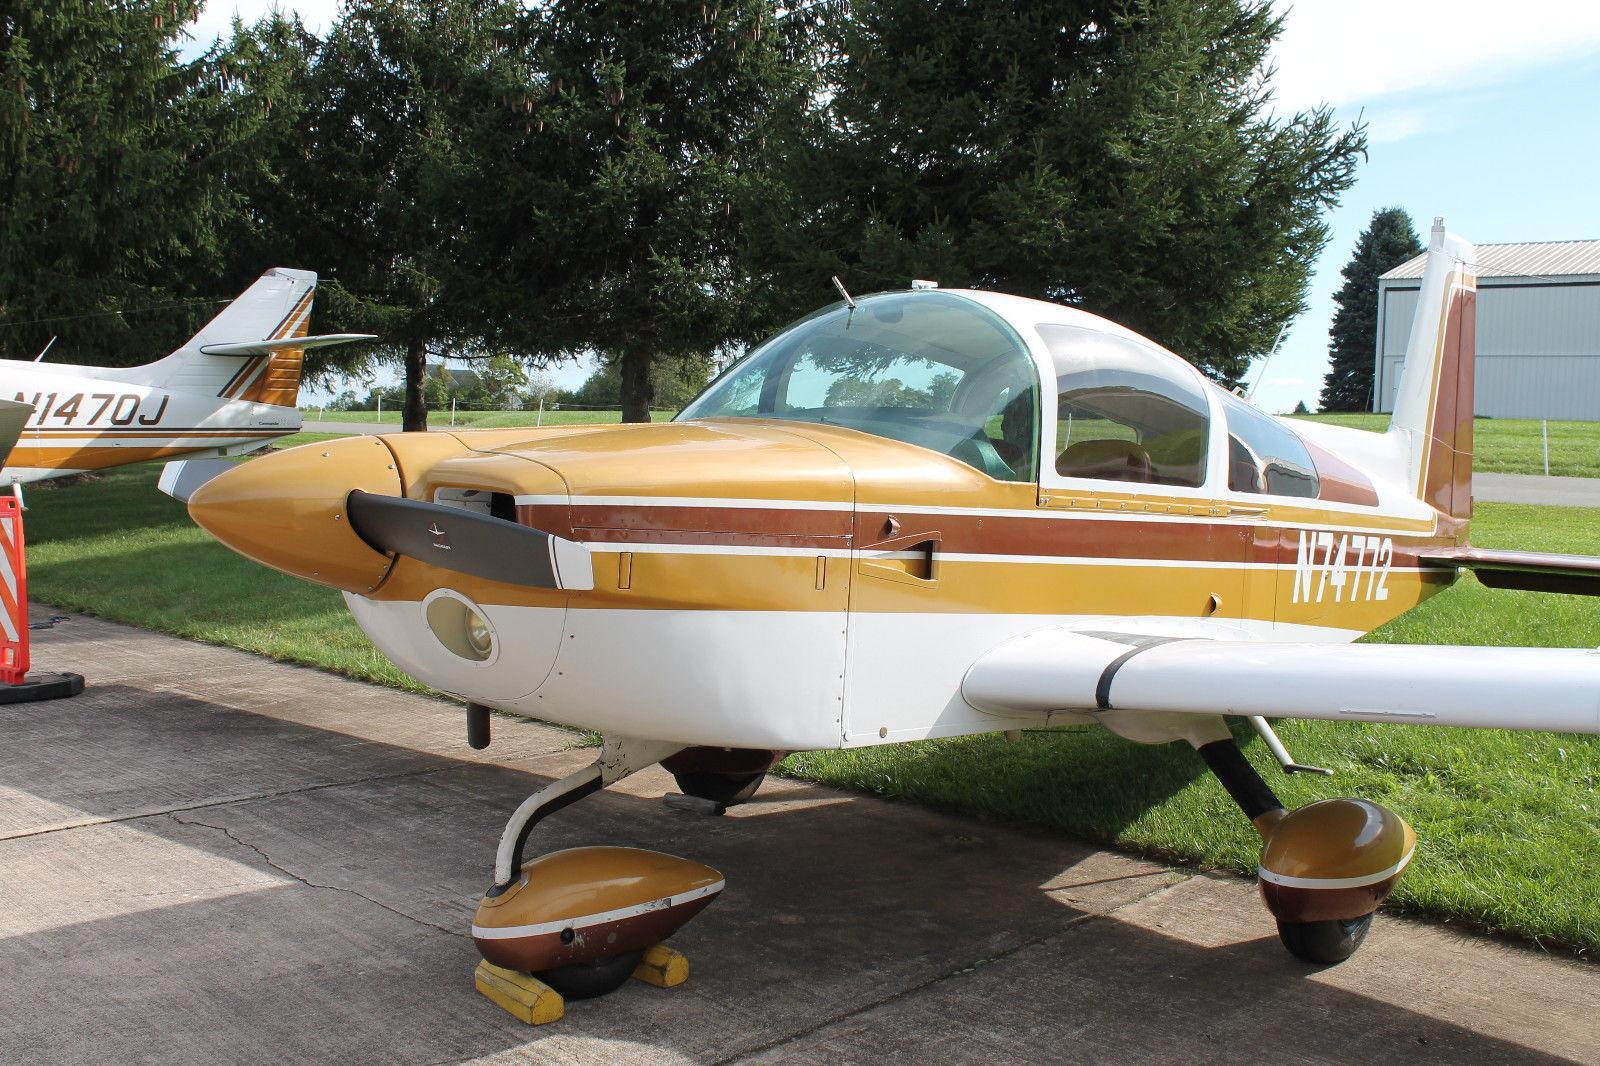 mini restoration 1976 Grumman Tiger AA 5B aircraft for sale